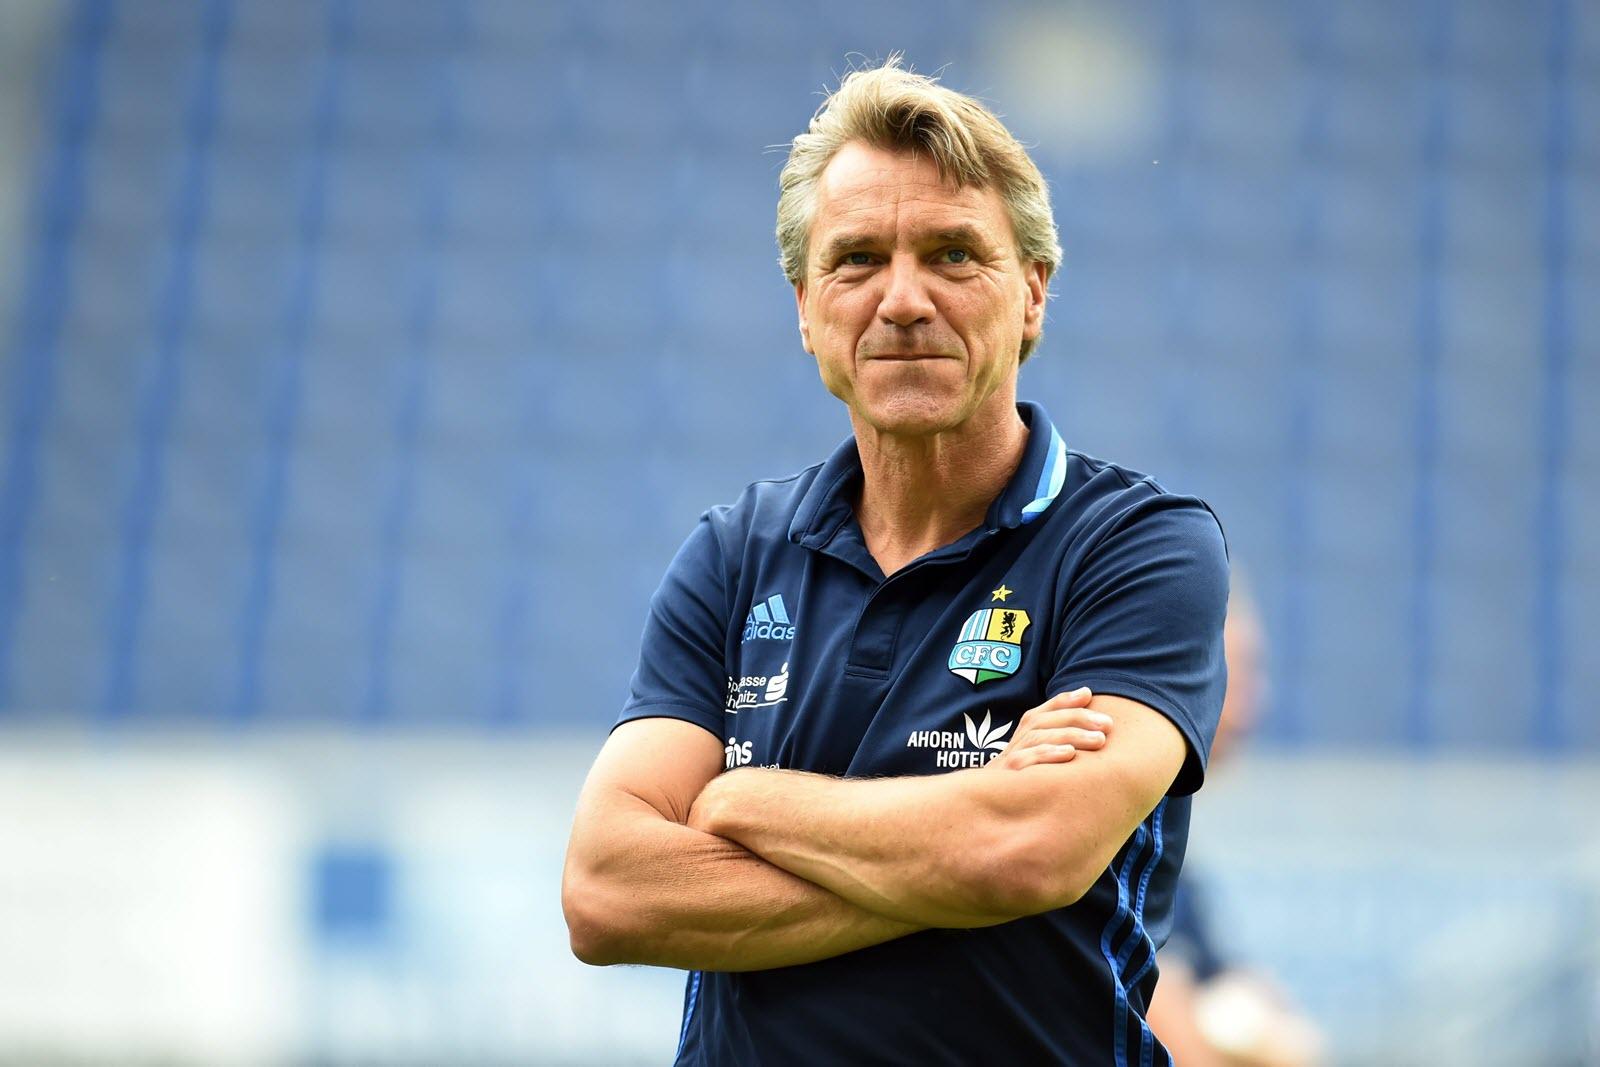 Horst Steffen beim Chemnitzer FC